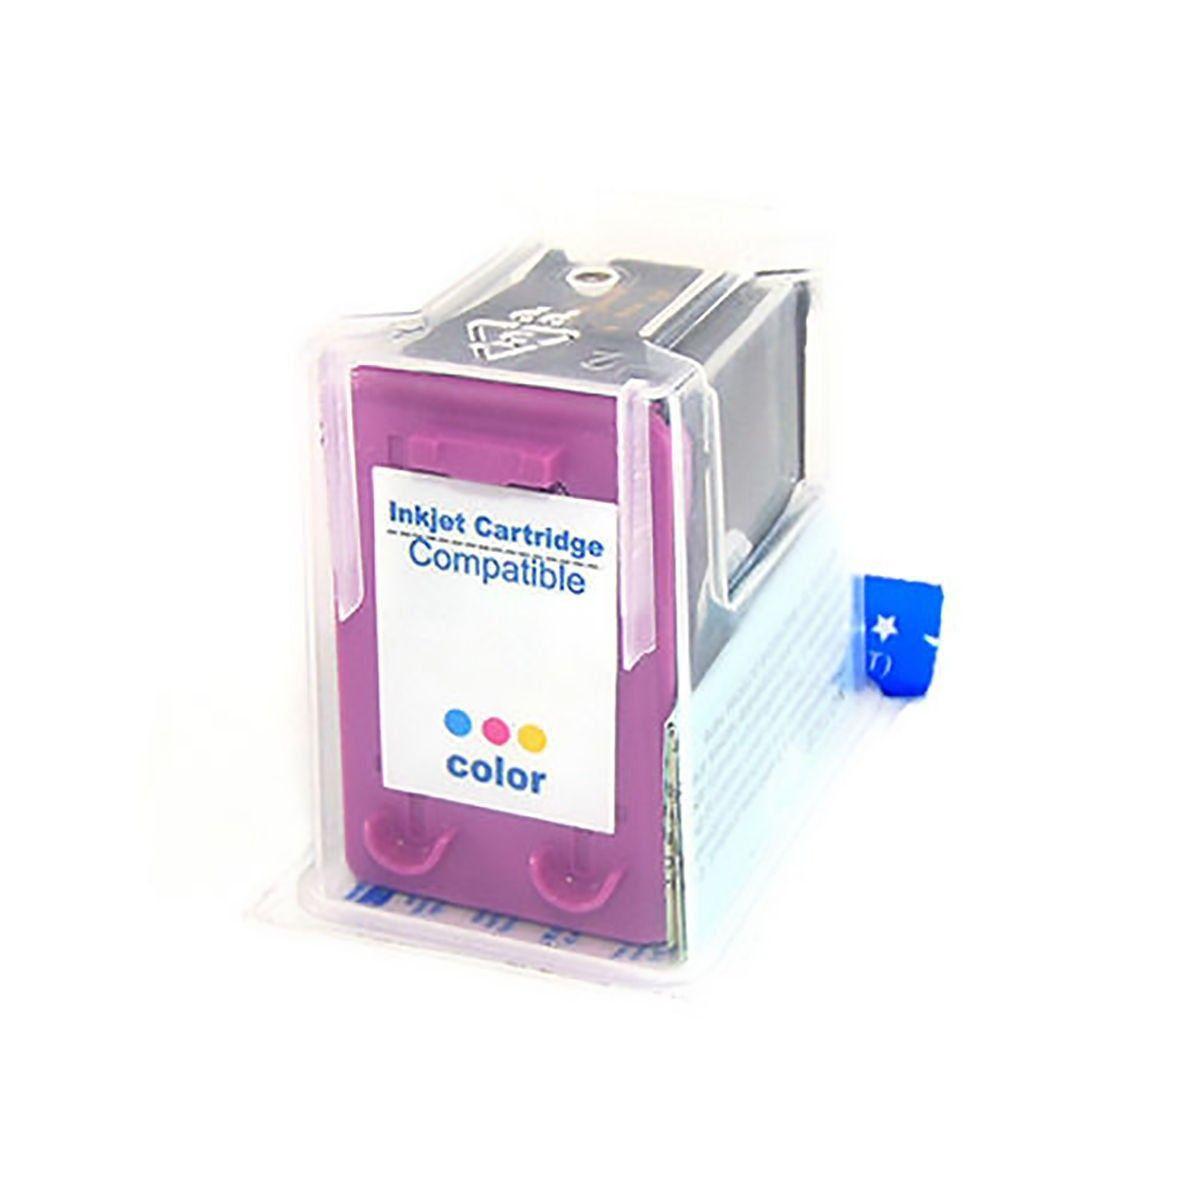 Compatível: Cartucho de Tinta 60xl 60 para HP F4480 F4280 F4580 D1660 C4680 C4780 F4210 F4440 D2560 / Colorido / 11.5ml